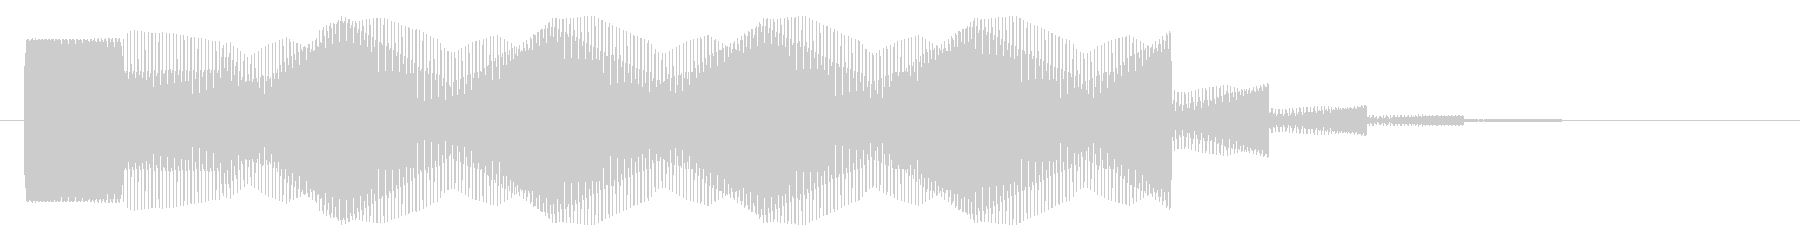 ブォーン【SF・UFO・反重力装置】の未再生の波形